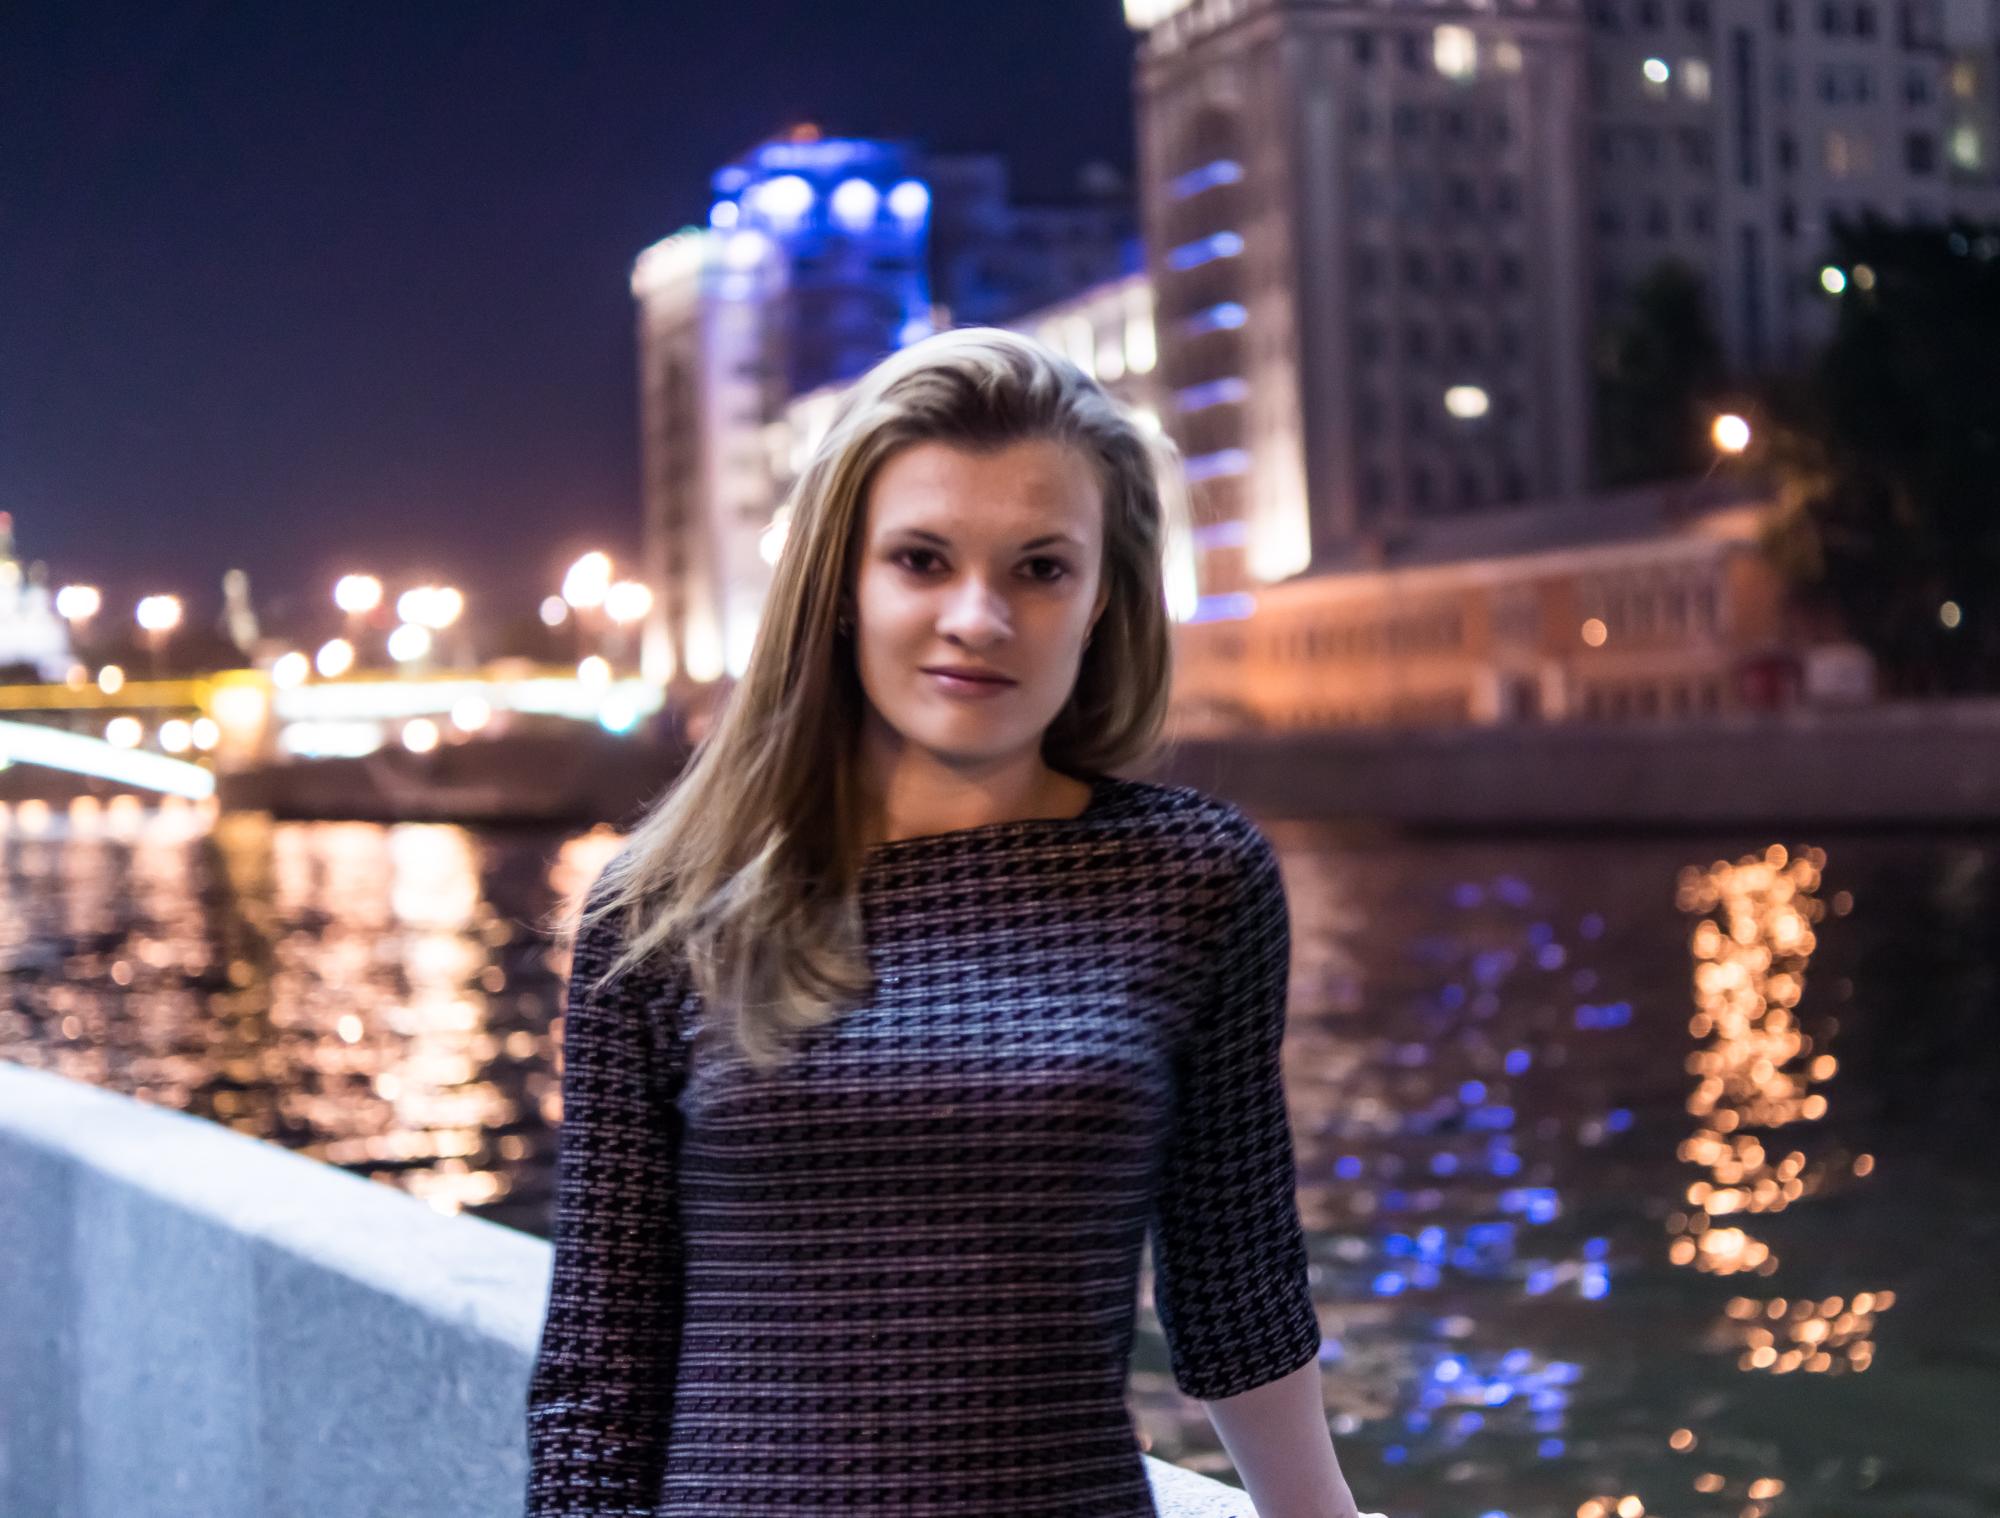 любительская фотография в Москве